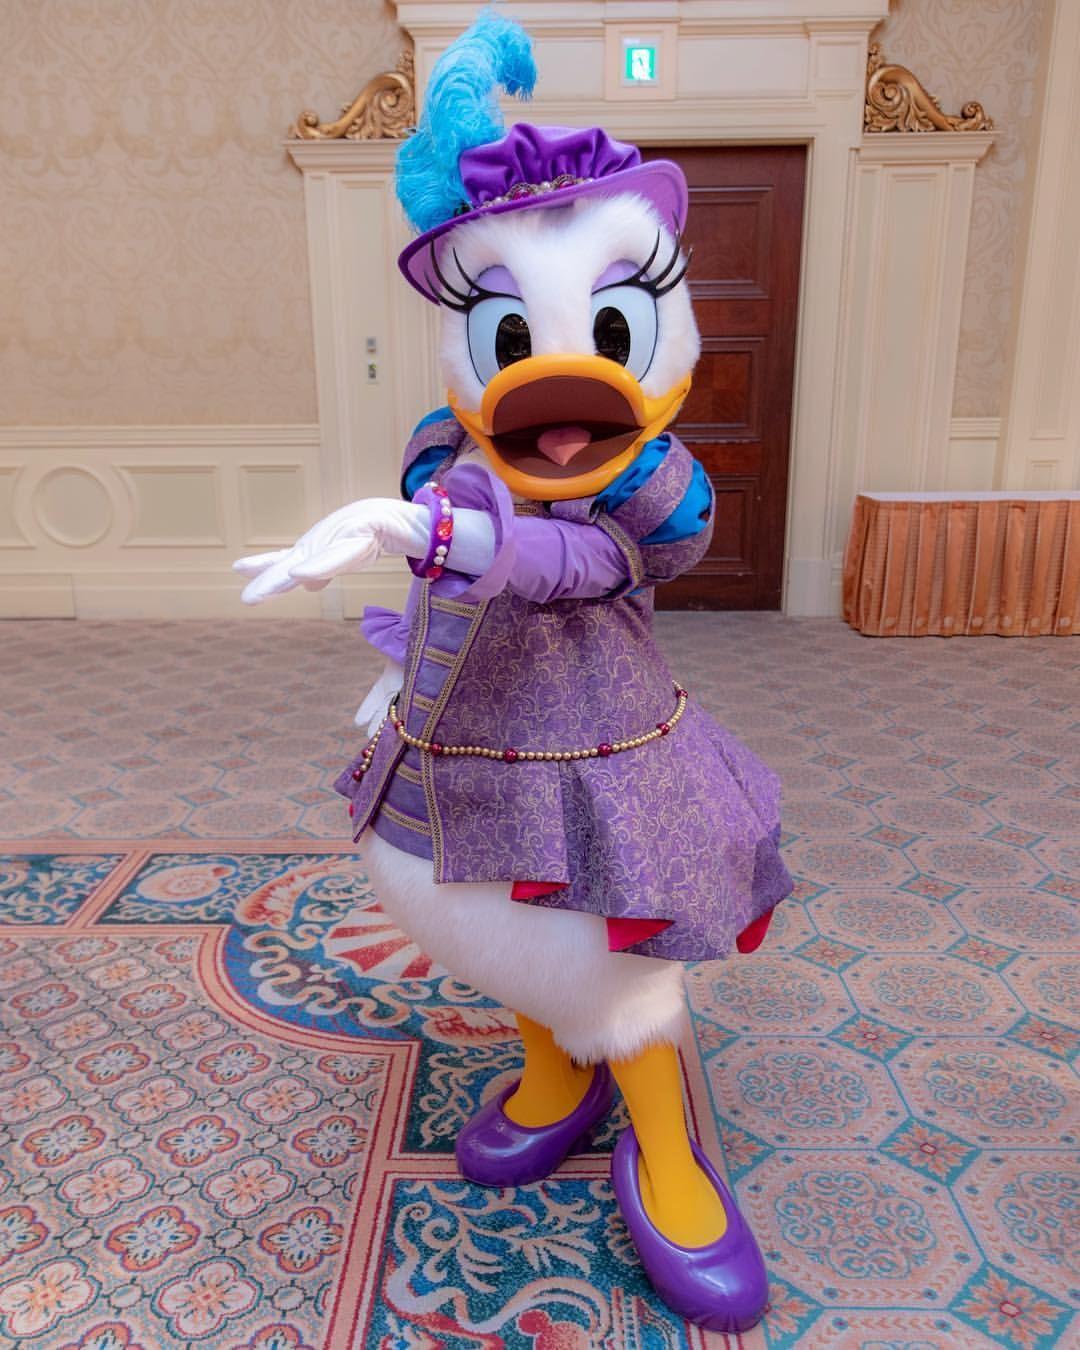 ゆーじんさんはinstagramを利用しています ミラコデイジー 衣装とポージングが華麗 ブレスレットも素敵でしょ って見せてくれたぁ Tokyodisneyresort Tokyodisneyse Disney Theme Parks Disney Parks Disney Pictures